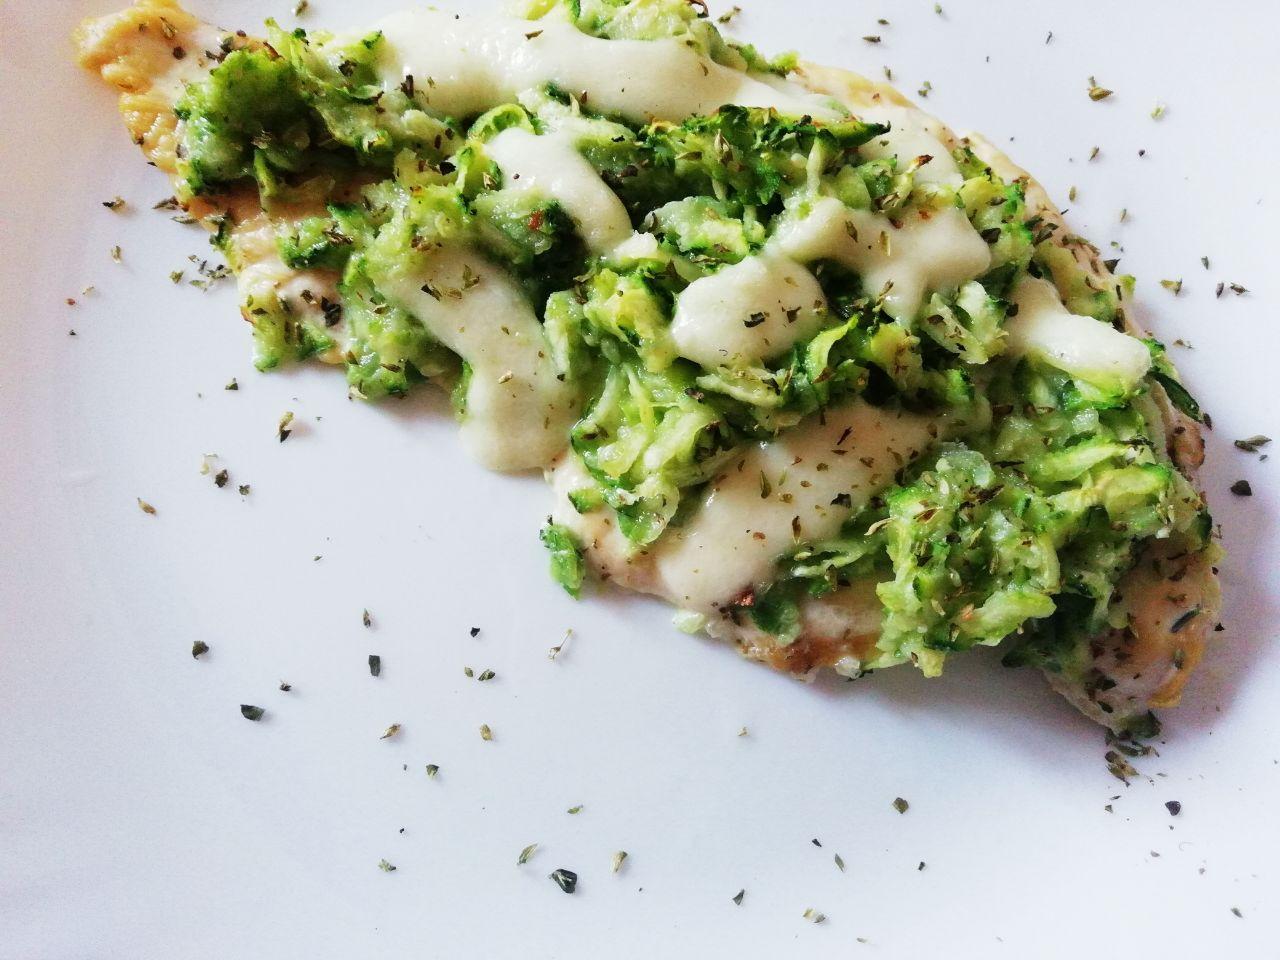 Secondi piatti a base di carne: petto di pollo ruspante in crosta di zucchine al forno!